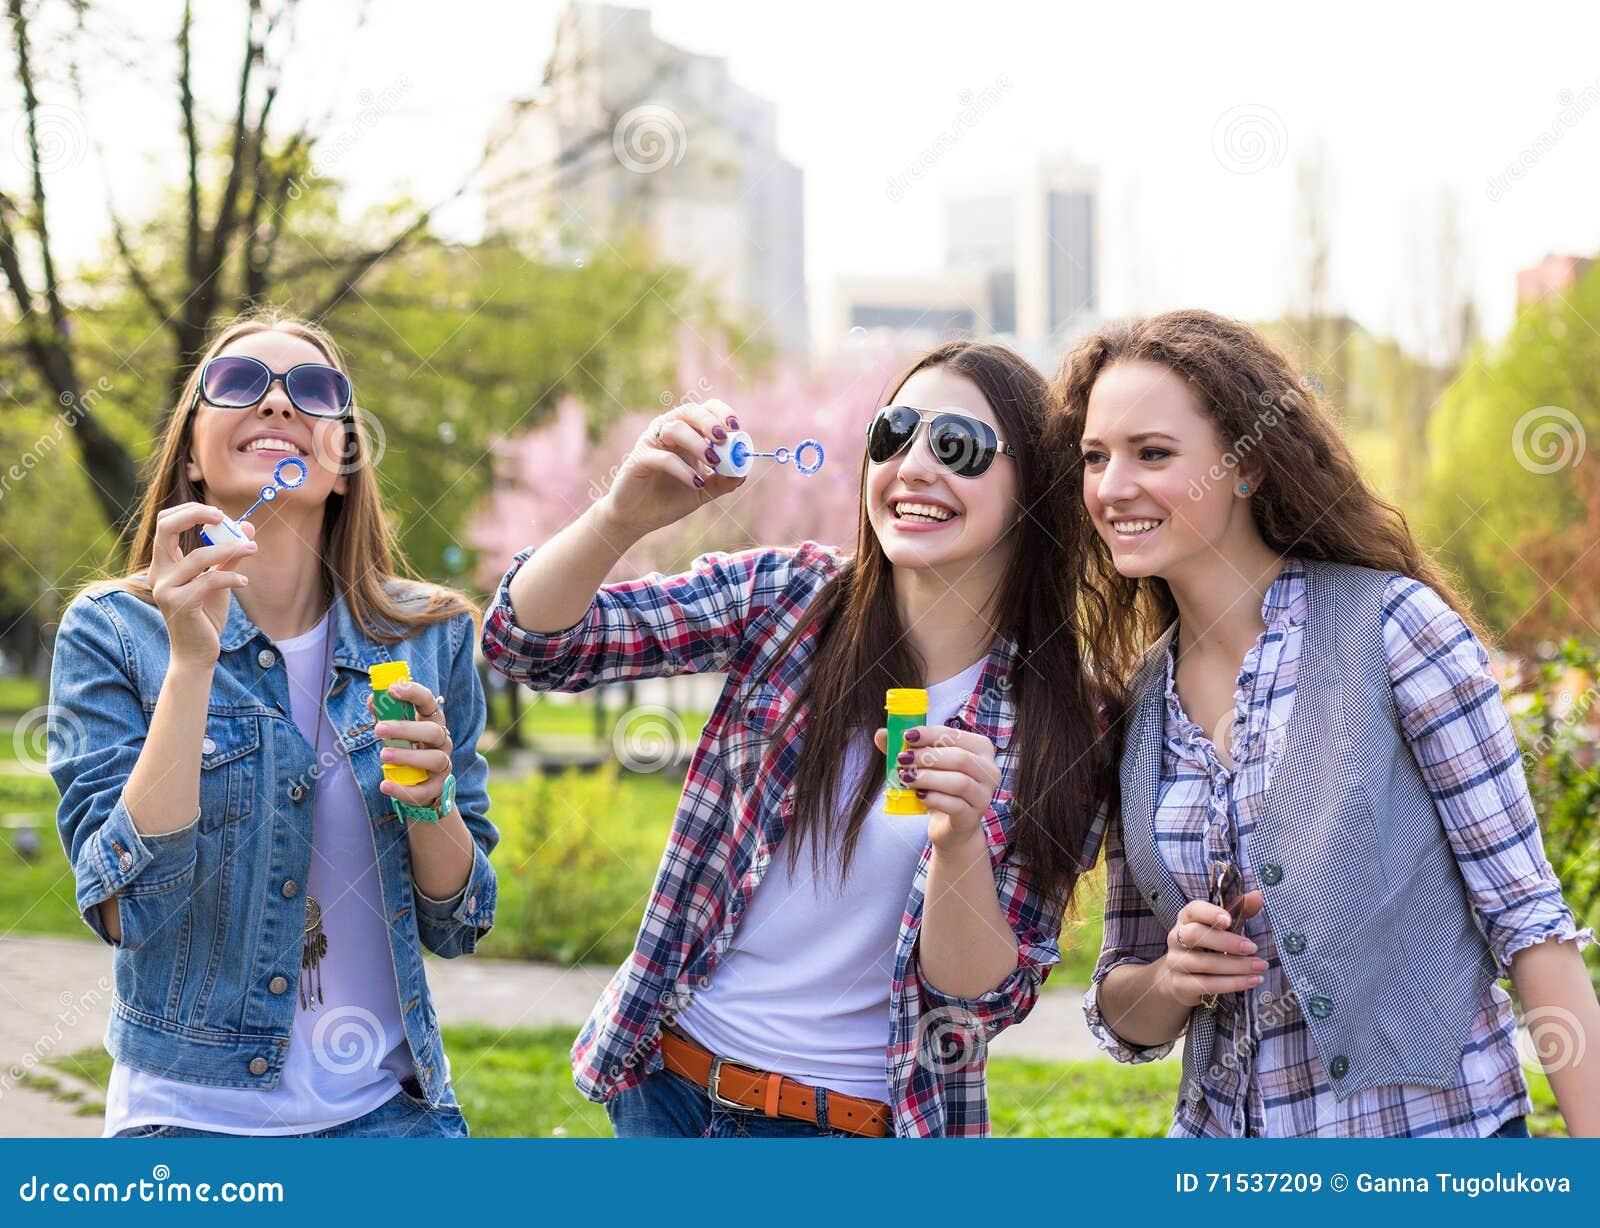 ragazze soffiano figa in faccia foto